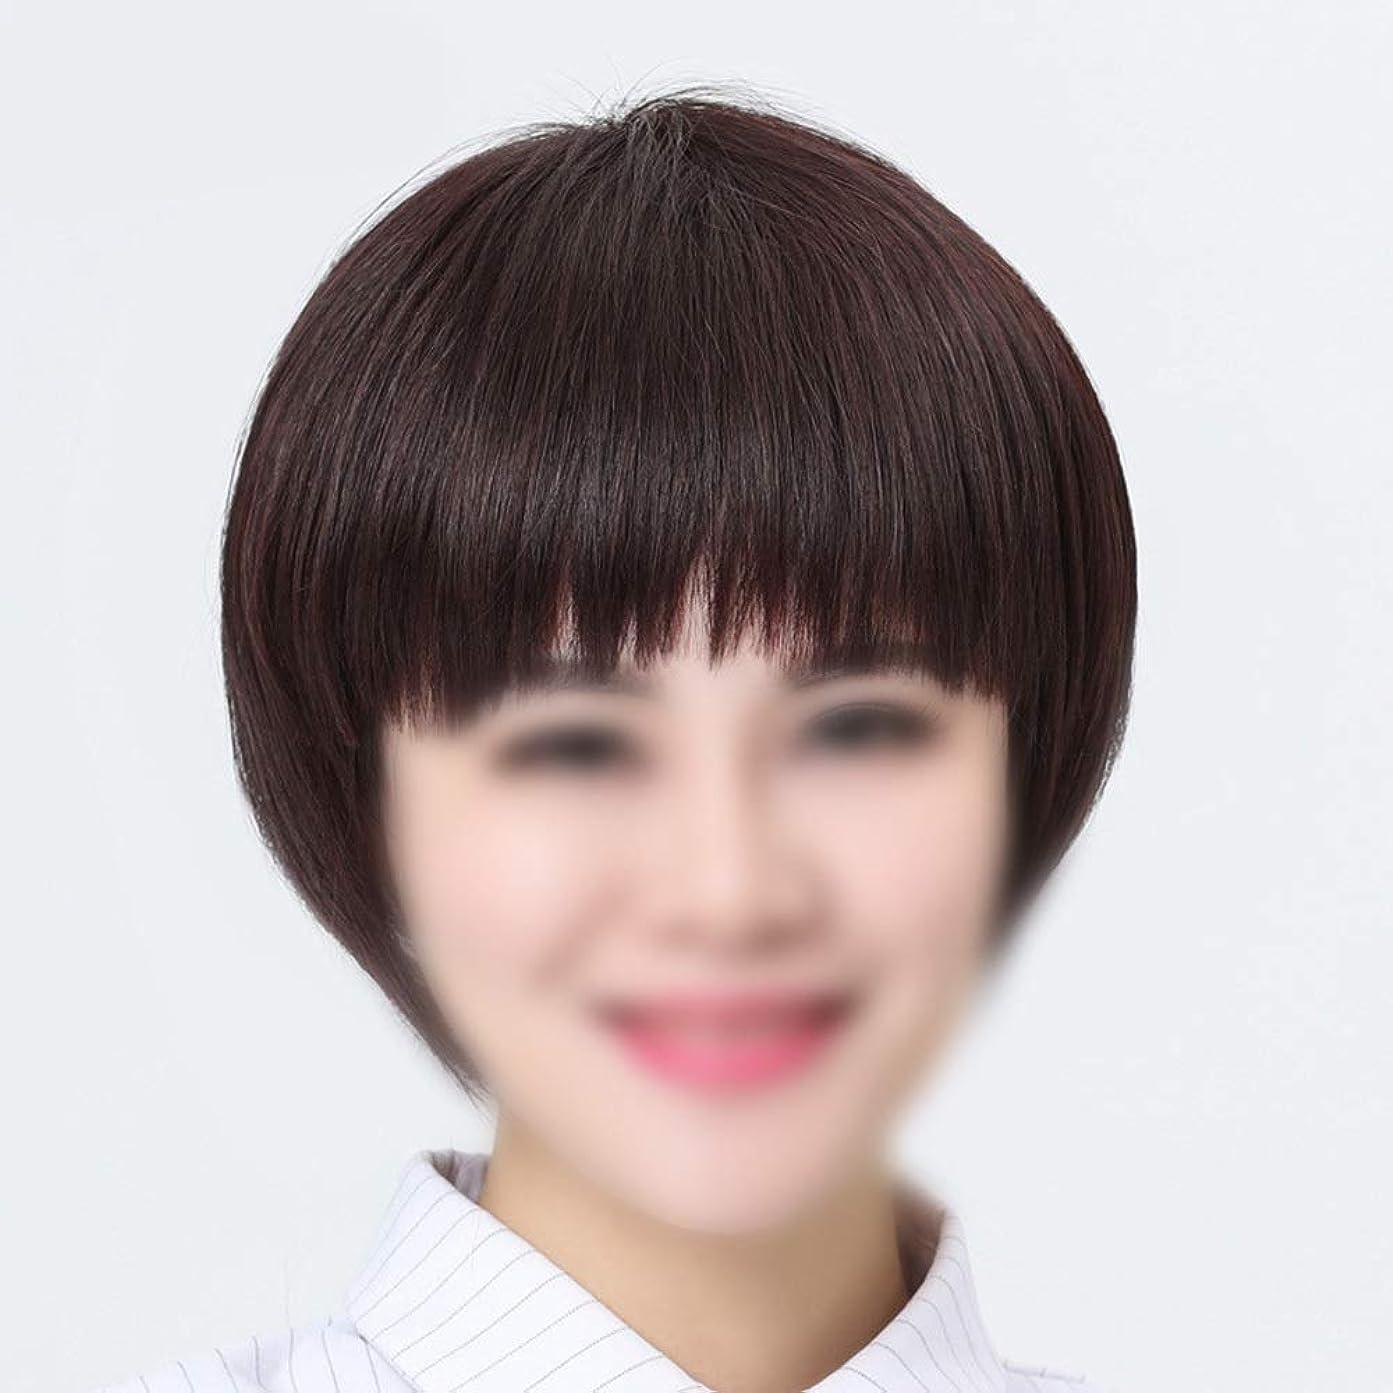 悪質な失礼フルートYESONEEP 女性の短いストレートヘア中年のかつら本物の髪の女性の母親の髪かつらパーティーのかつら (色 : Natural black, サイズ : Mechanism)